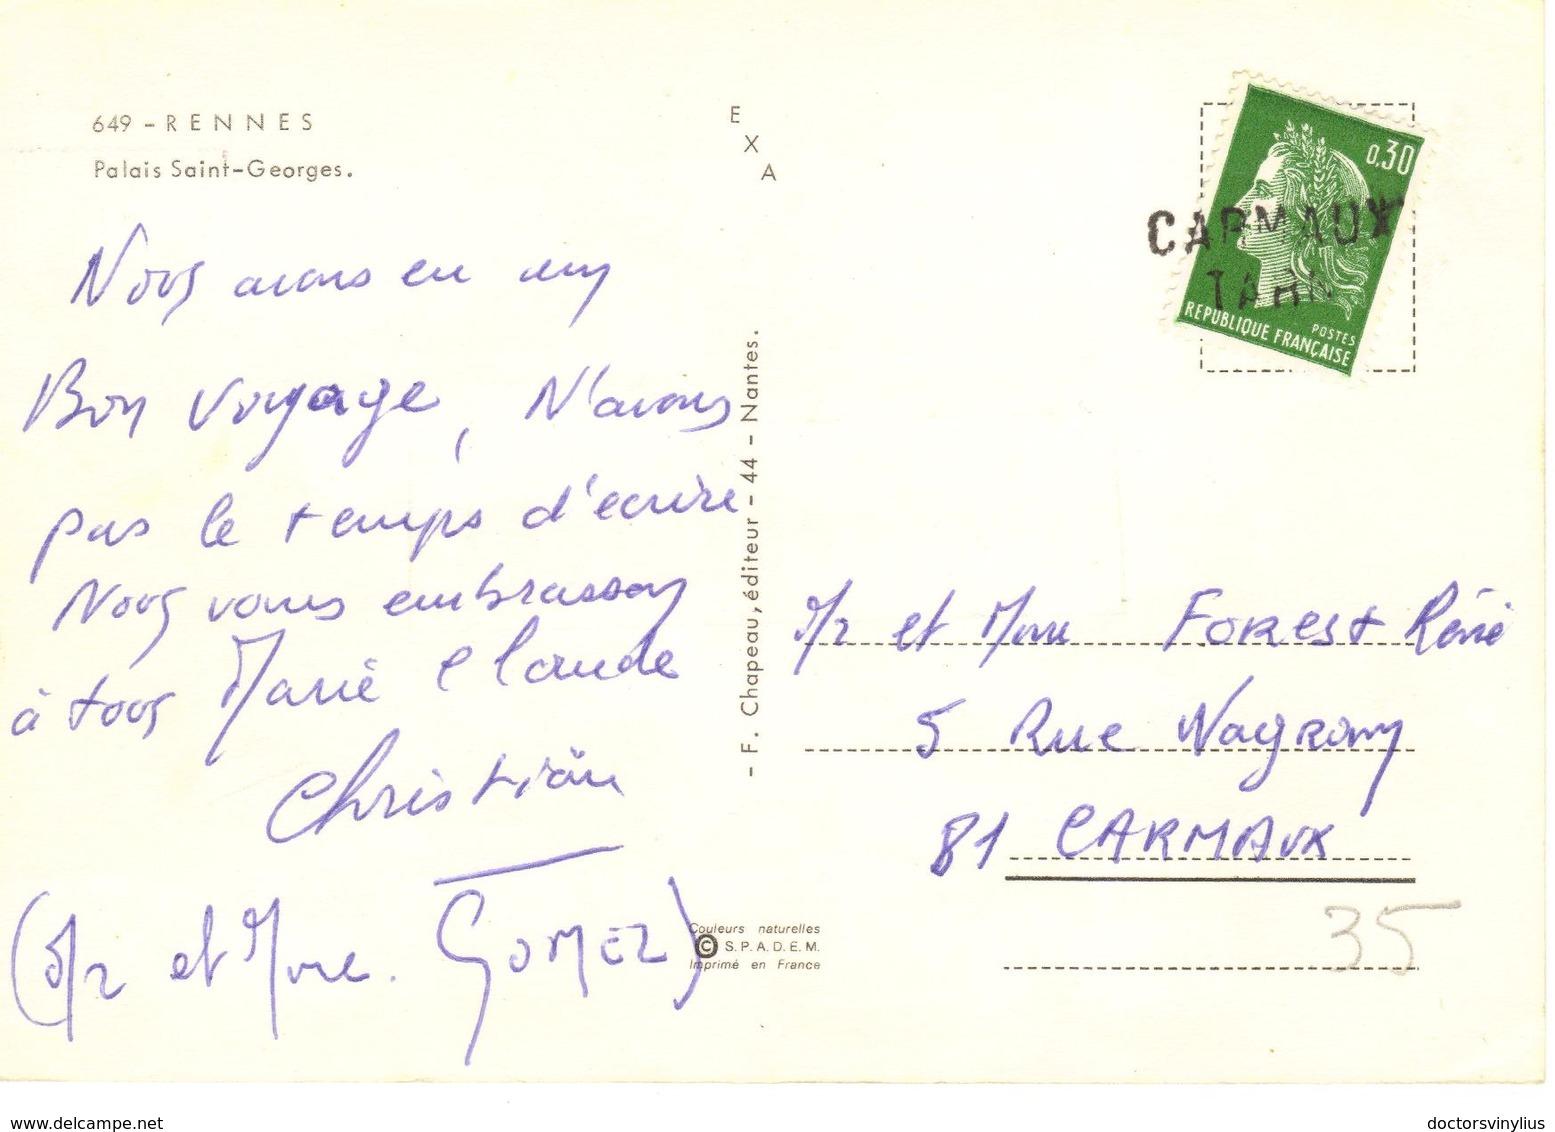 RENNES - PALAIS SAINT GEORGES - Rennes